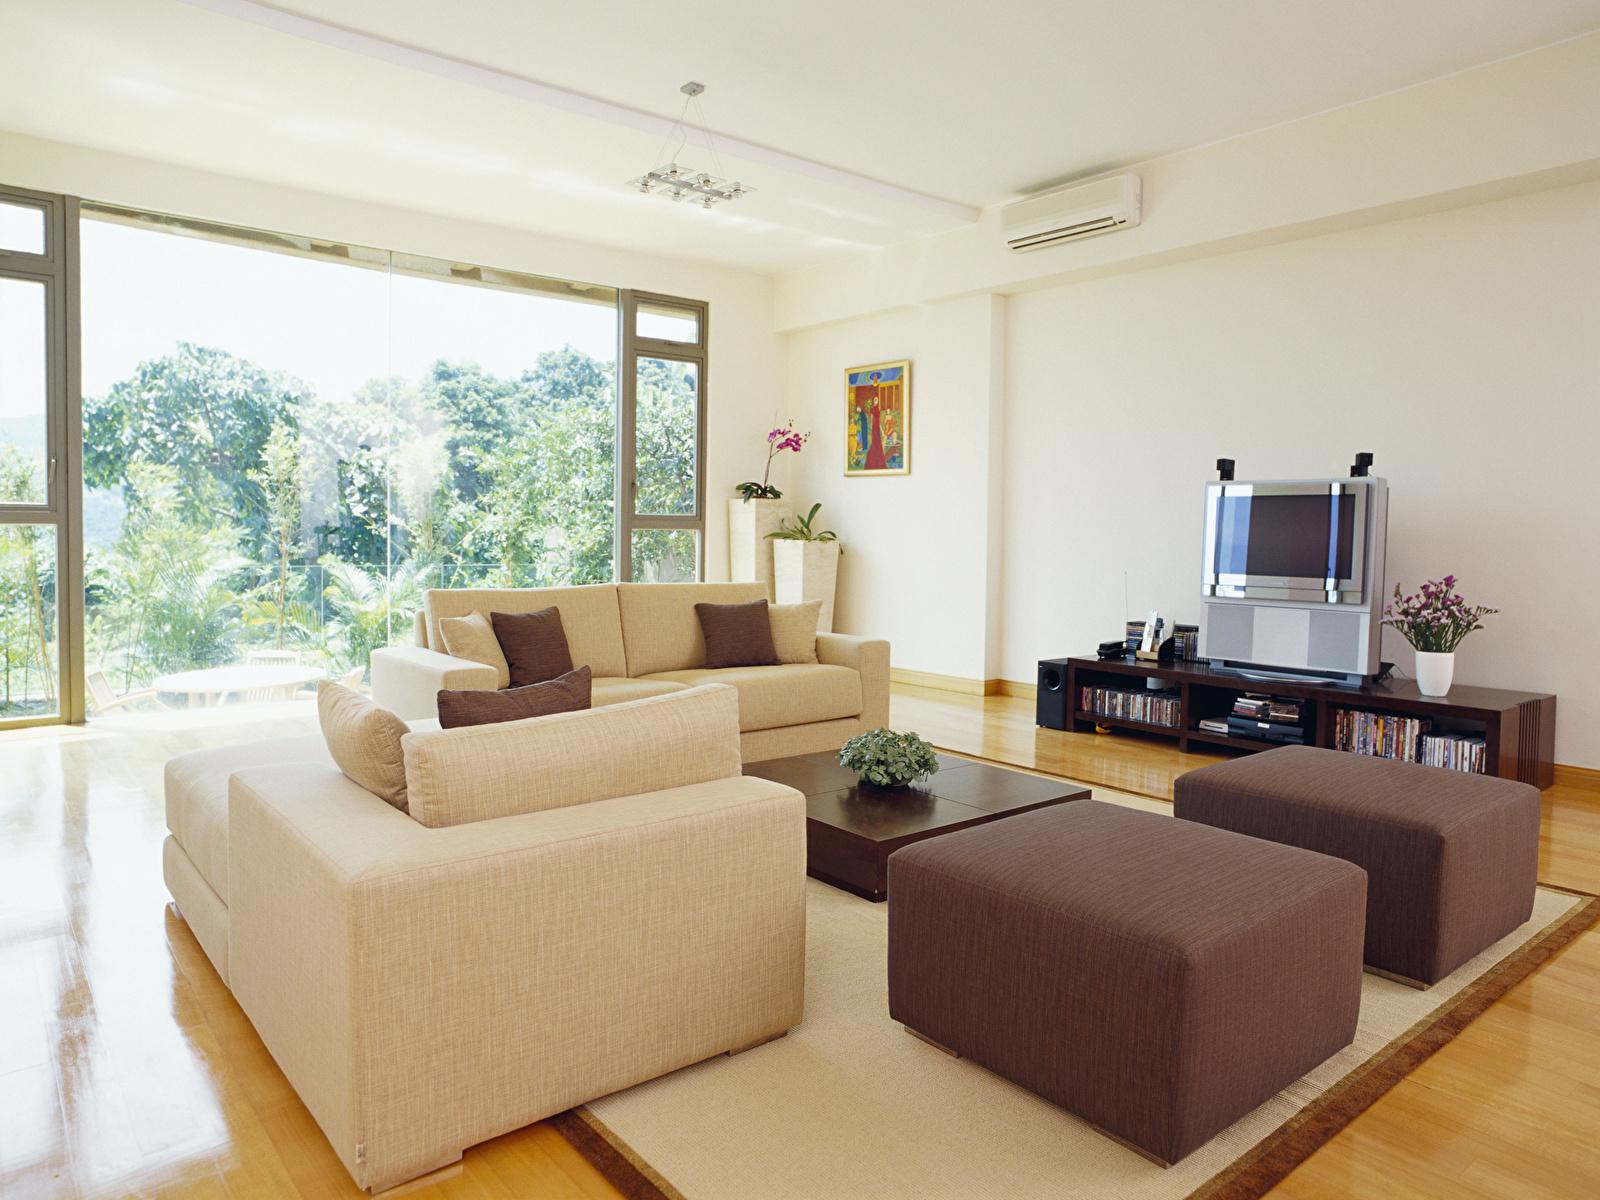 Foto Wohnzimmer Innenarchitektur Sofa Design 1600x1200 Couch